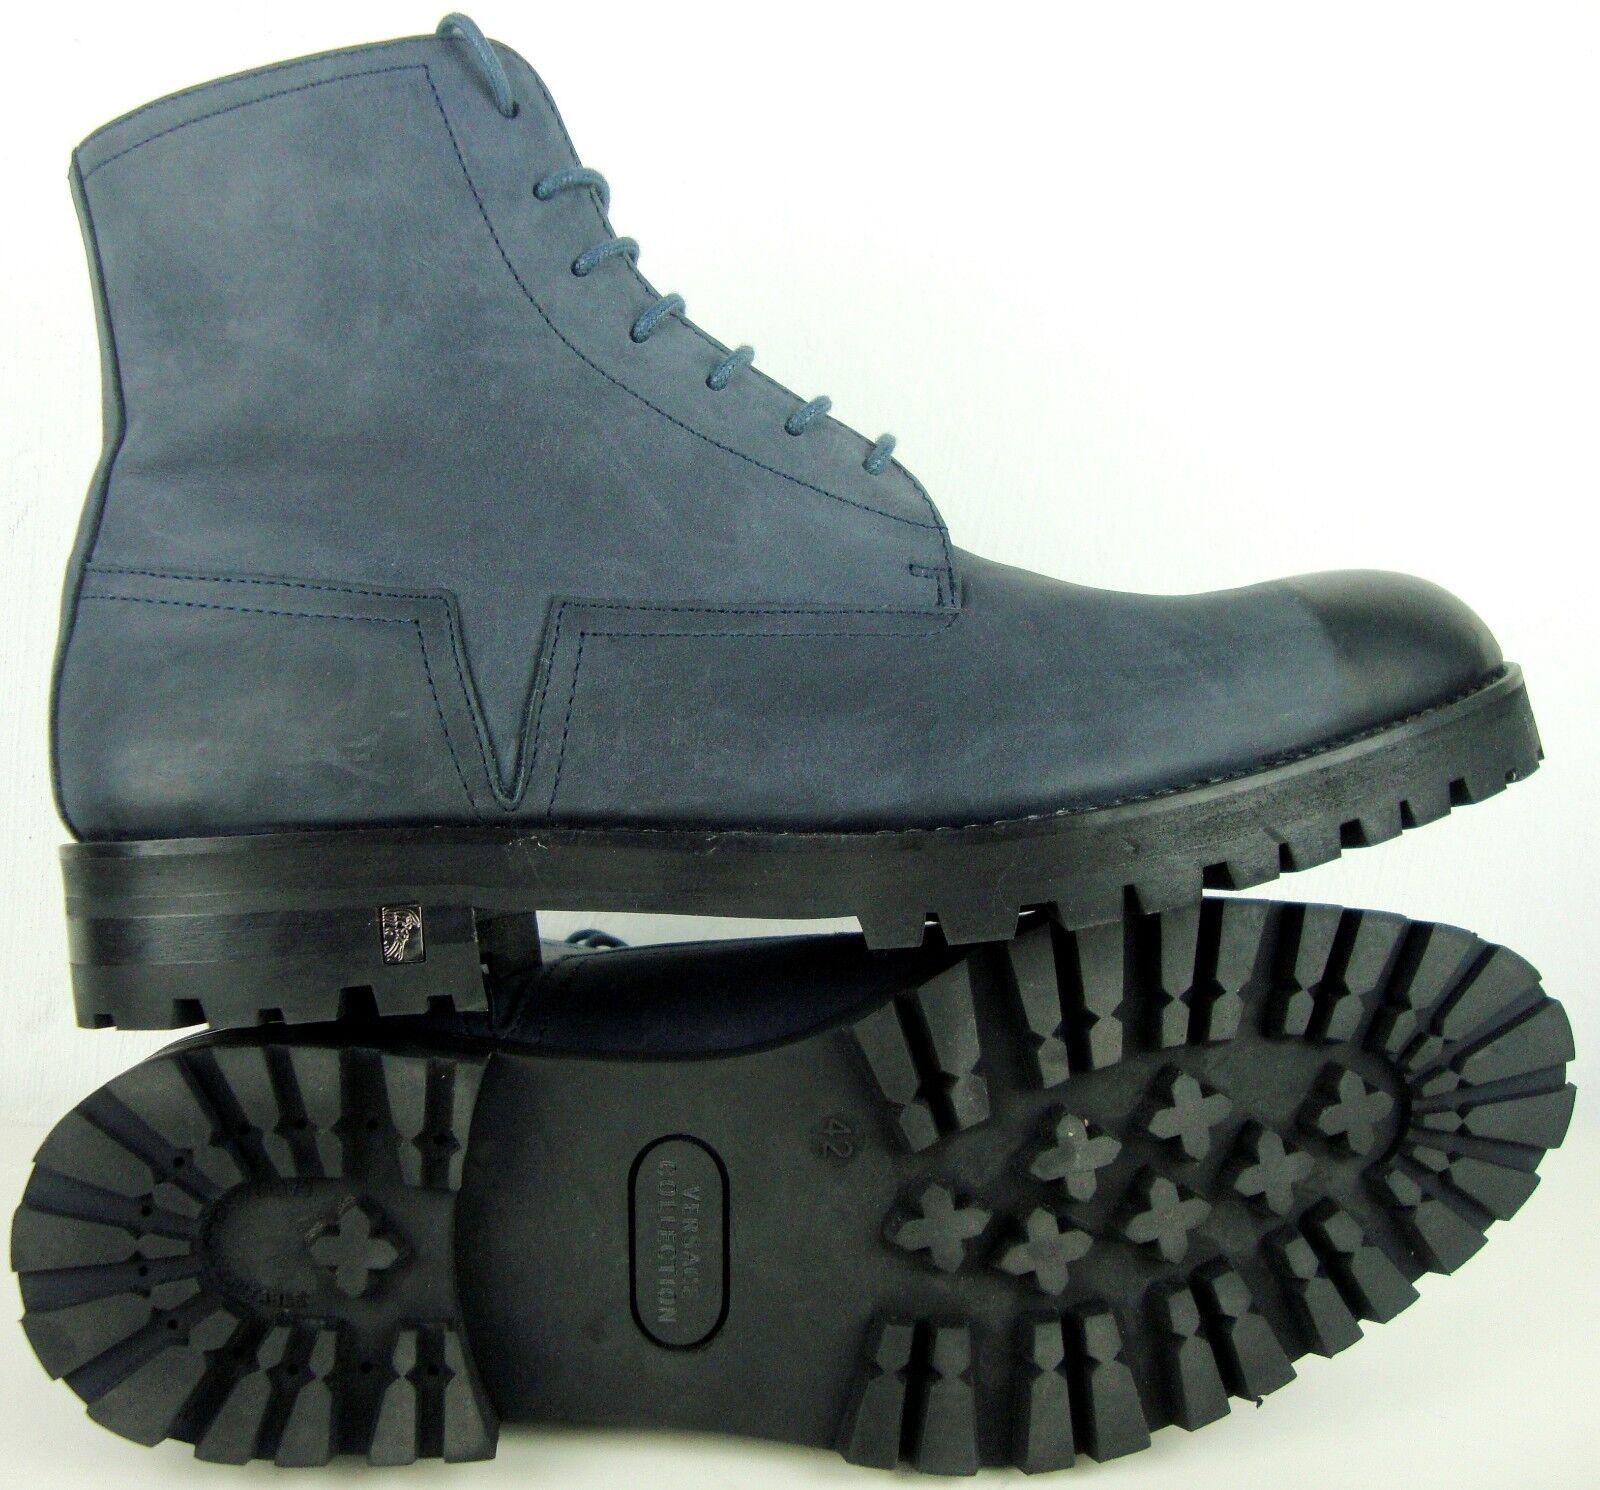 Versace señores botín de diseño botas botines zapatos nuevo